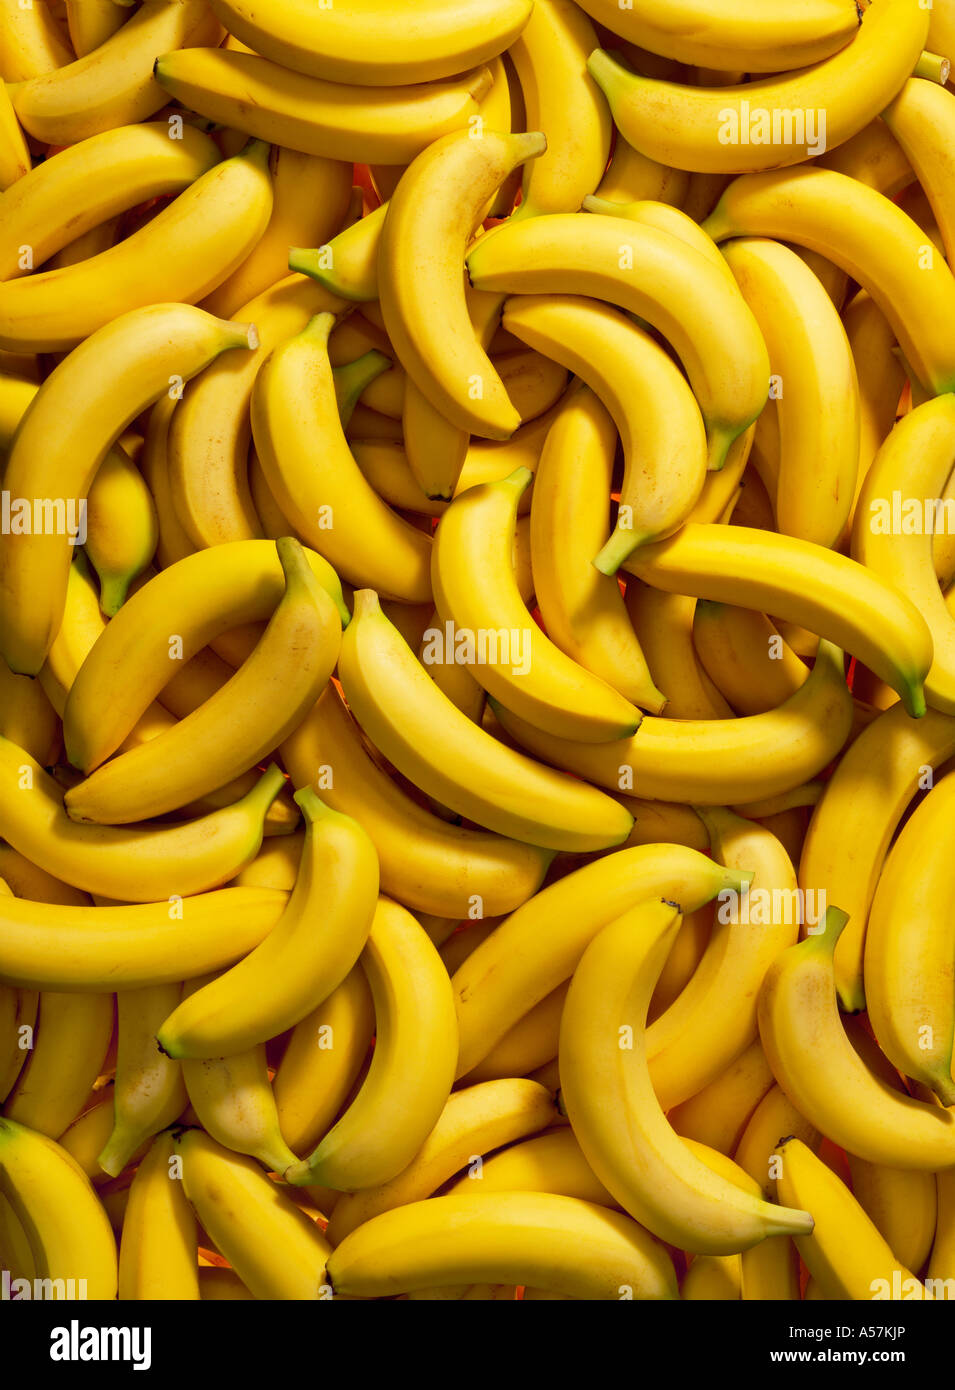 Un mucchio di banane. Ideale come uno sfondo Immagini Stock